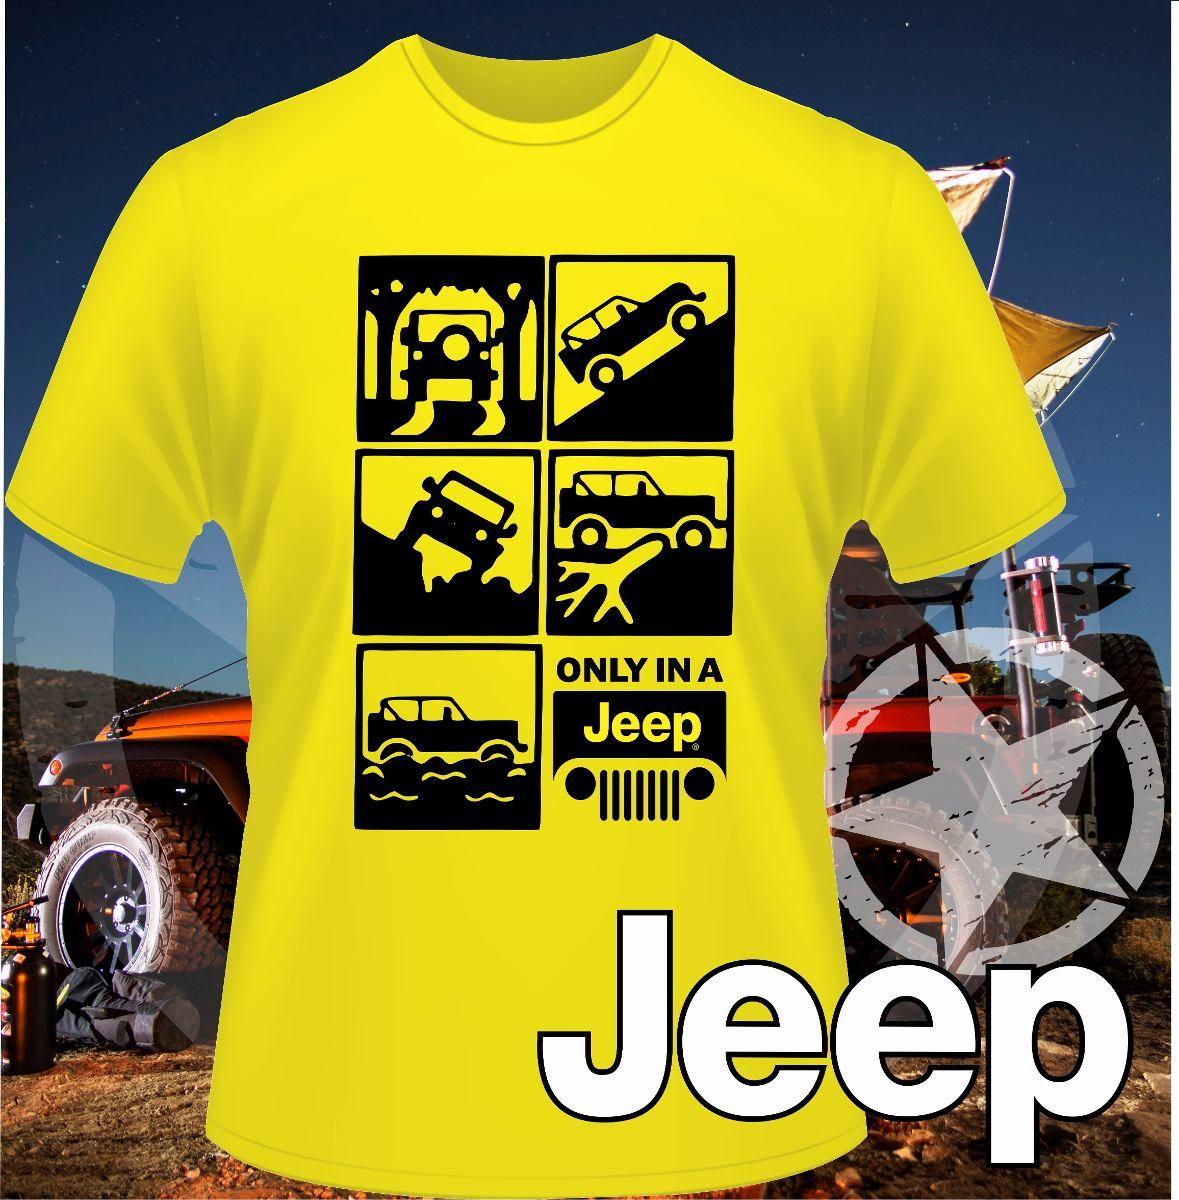 bd06127cf5614 2 Playeras Jeep-jeep Girl-wagoneer-xj Envio Gratis -   420.00